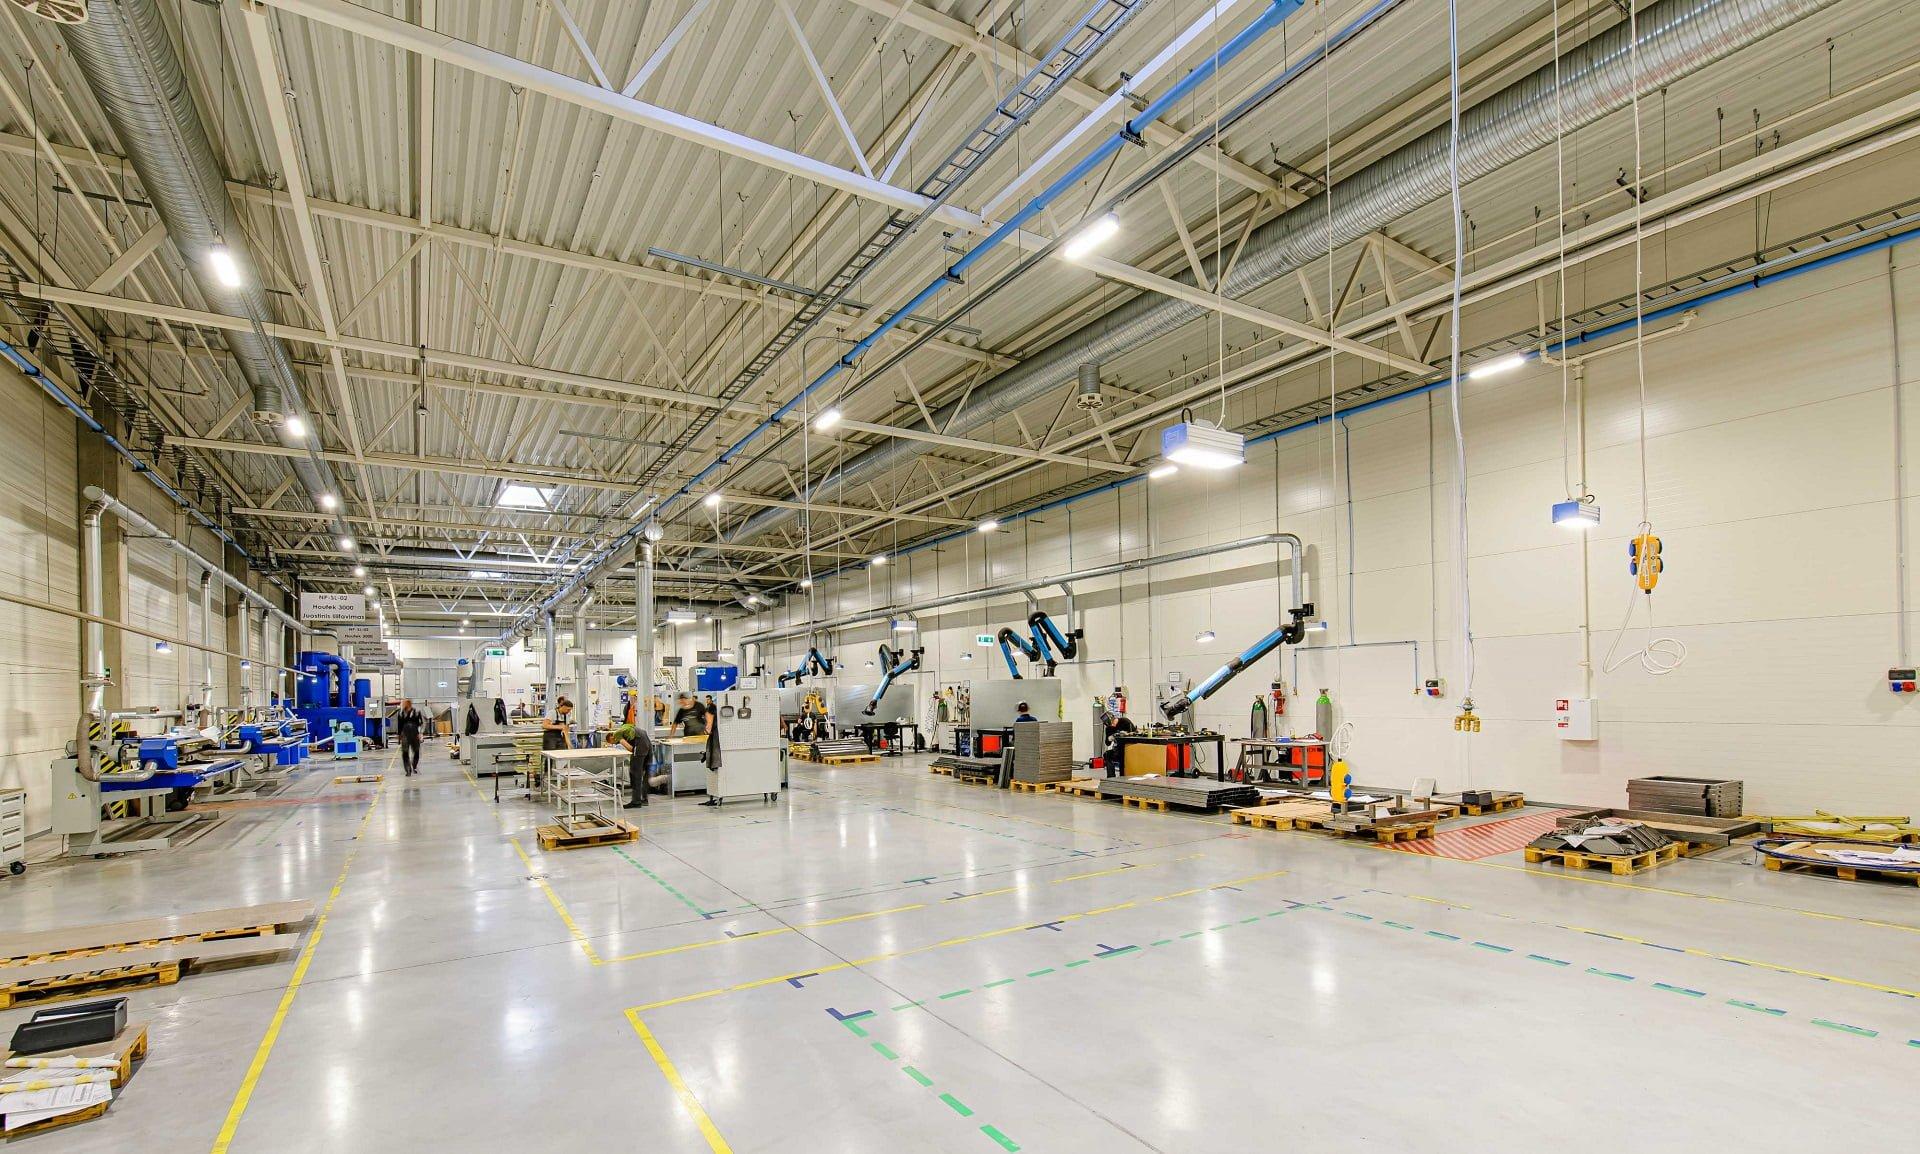 Baldų gamyklai suprojektuotas gamybos paskirties pastatas - PST projektai